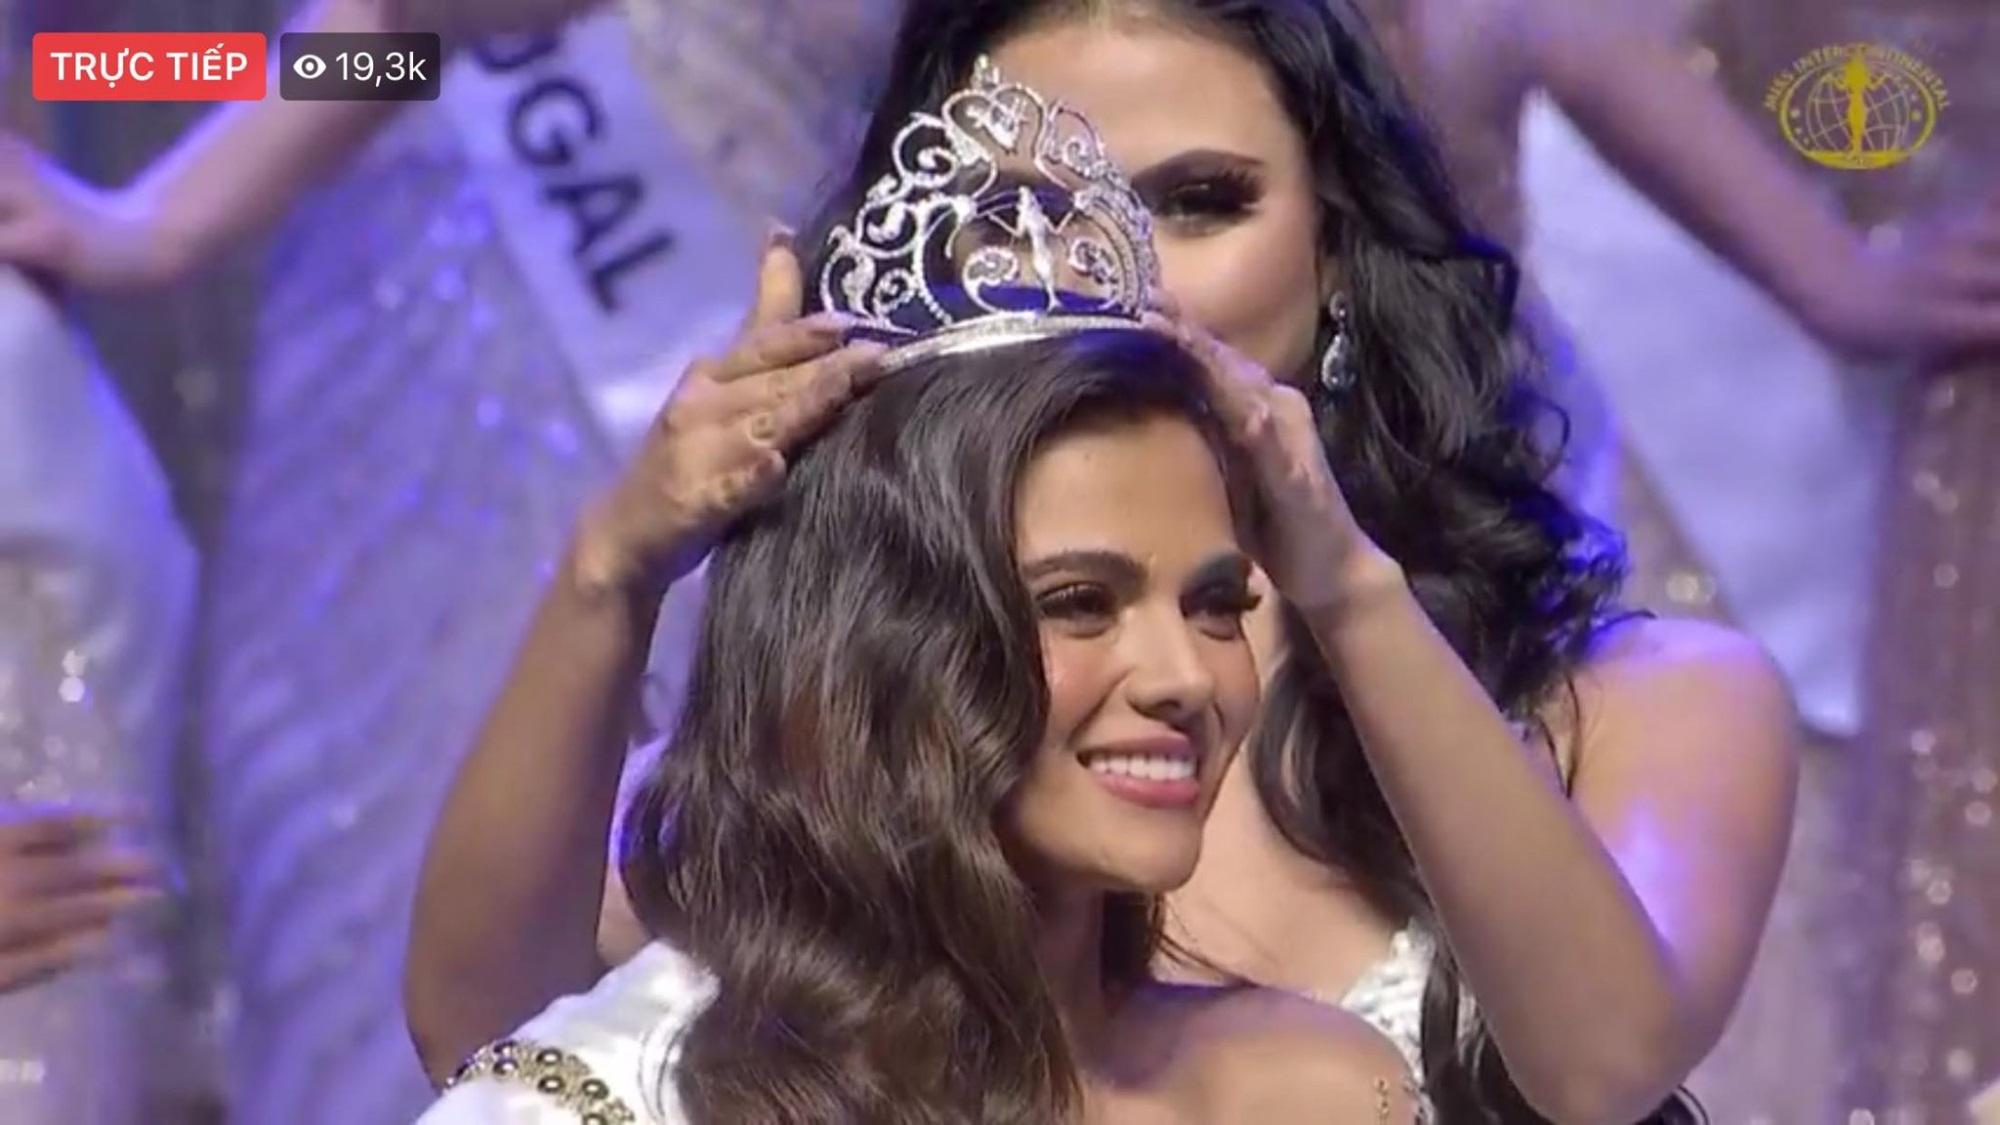 Người đẹp Philippines đăng quang Hoa hậu Liên lục địa 2018, Lê Âu Ngân Anh trở thành Á hậu 4 - Ảnh 7